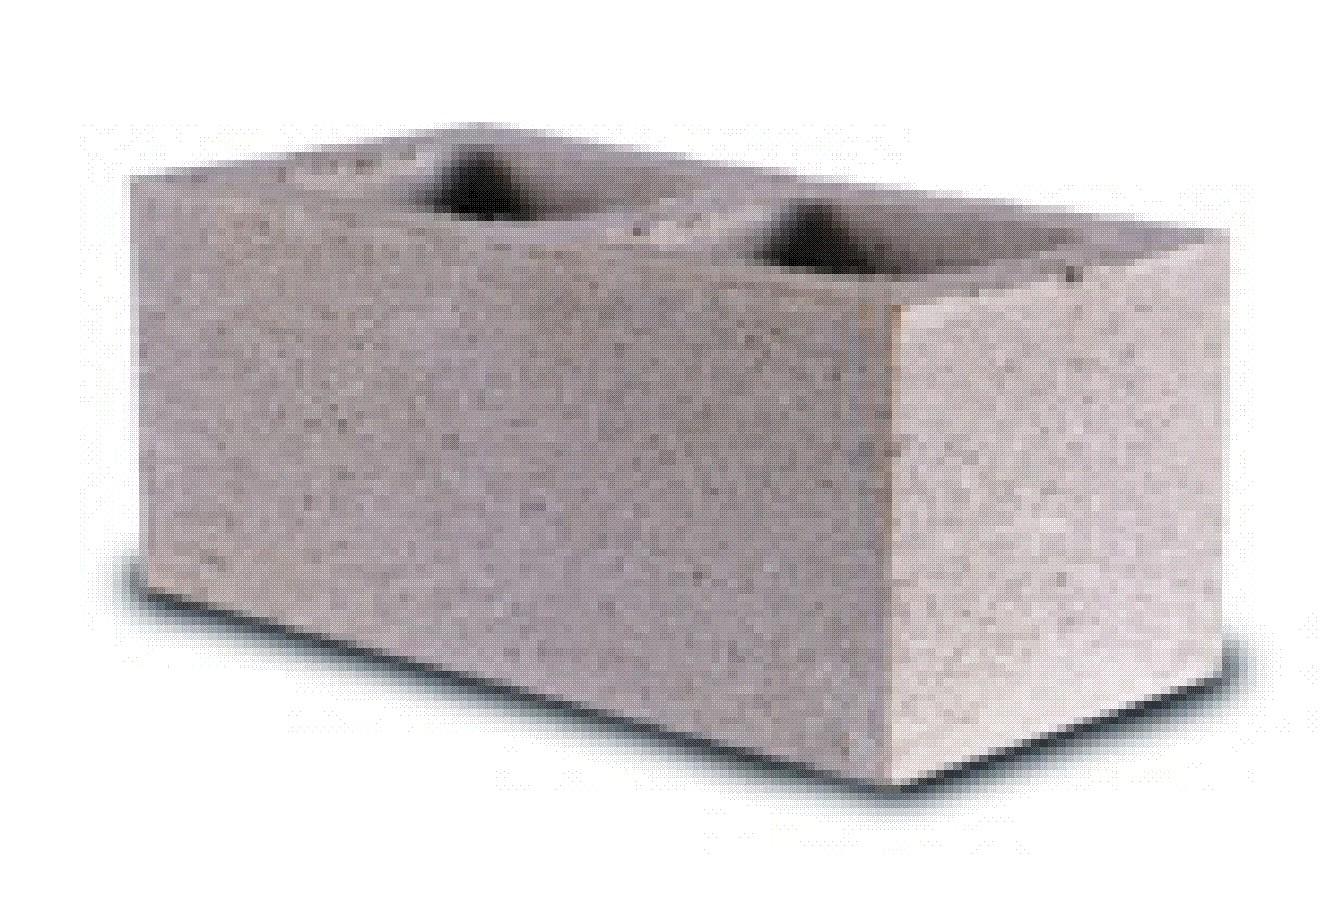 Cuanto vale un bloque de hormigon latest preguntas al - Cuanto cuesta un palet de ladrillos ...